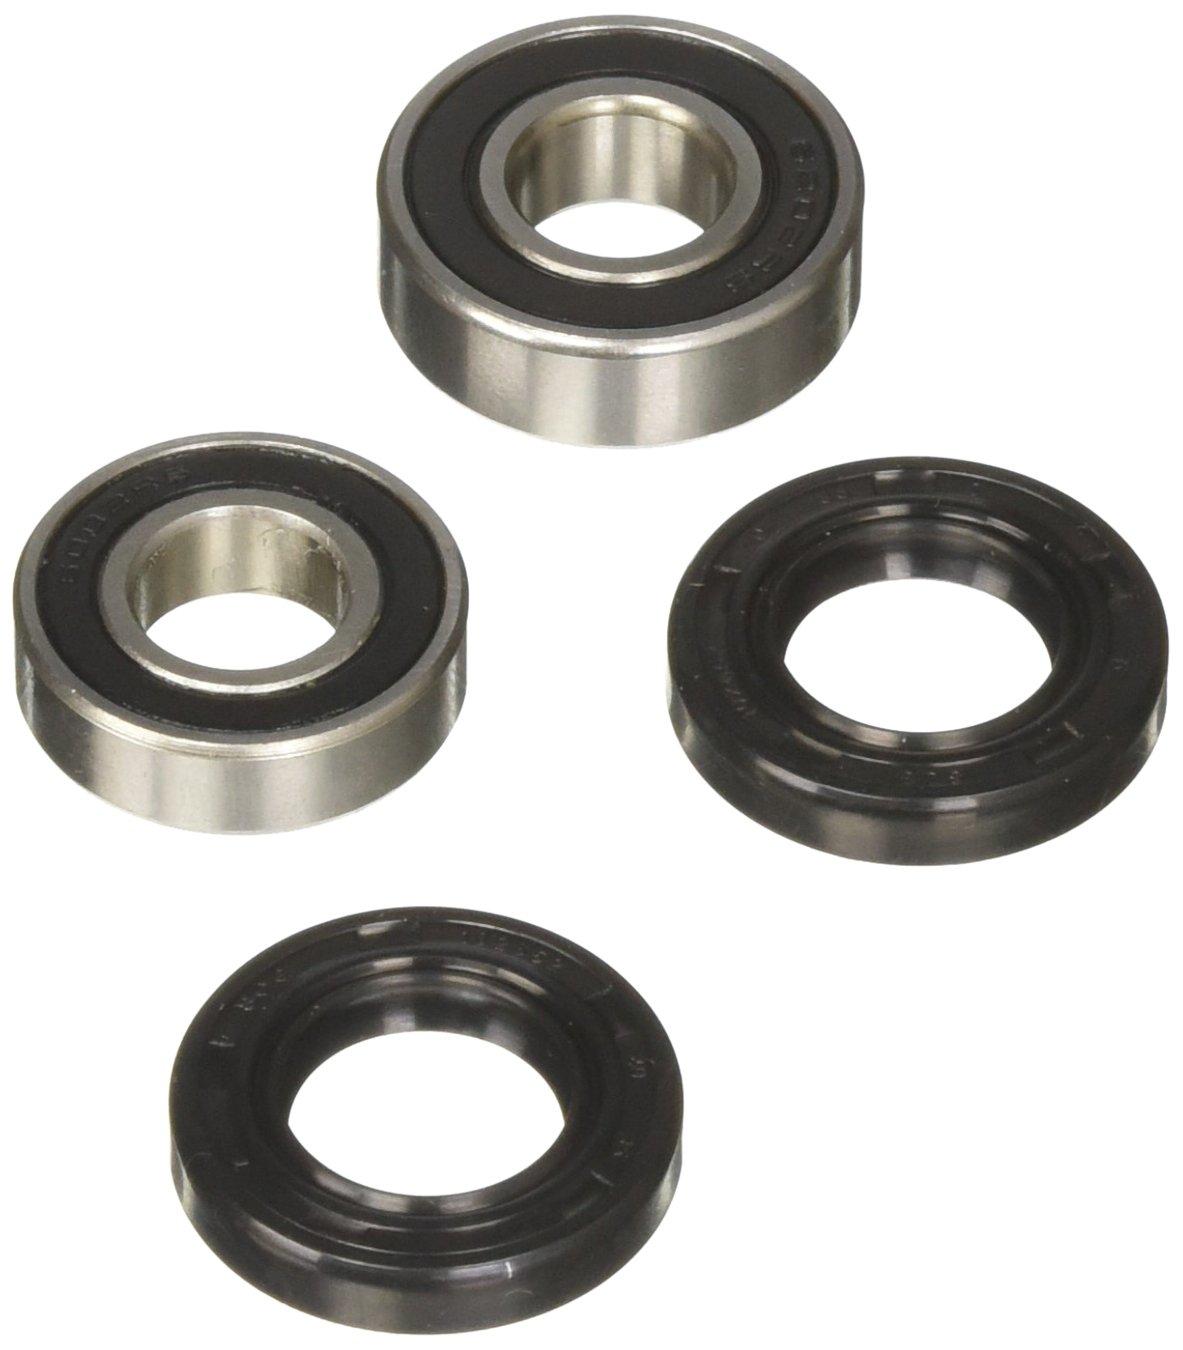 Bearing Connections 301-0146 Rear Wheel Bearing Kit